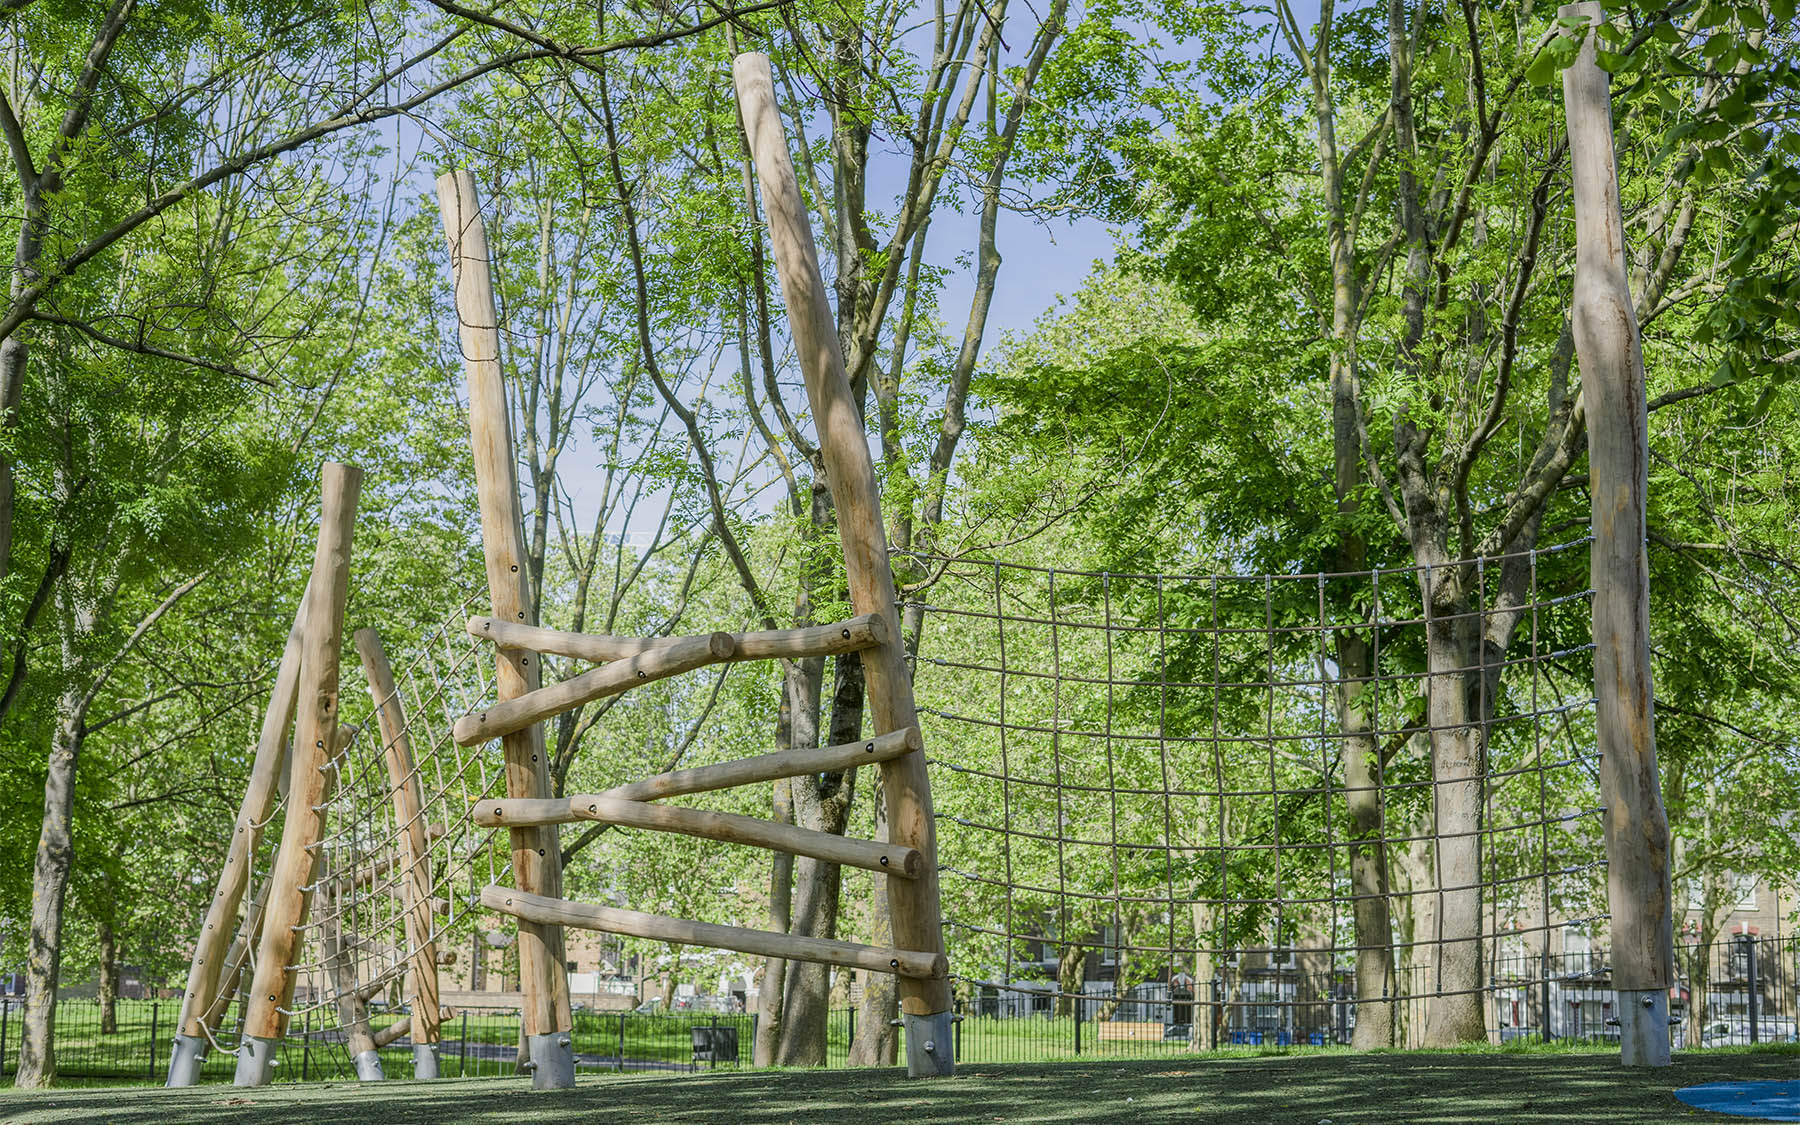 natuoral playground equipment robinia climbing nets